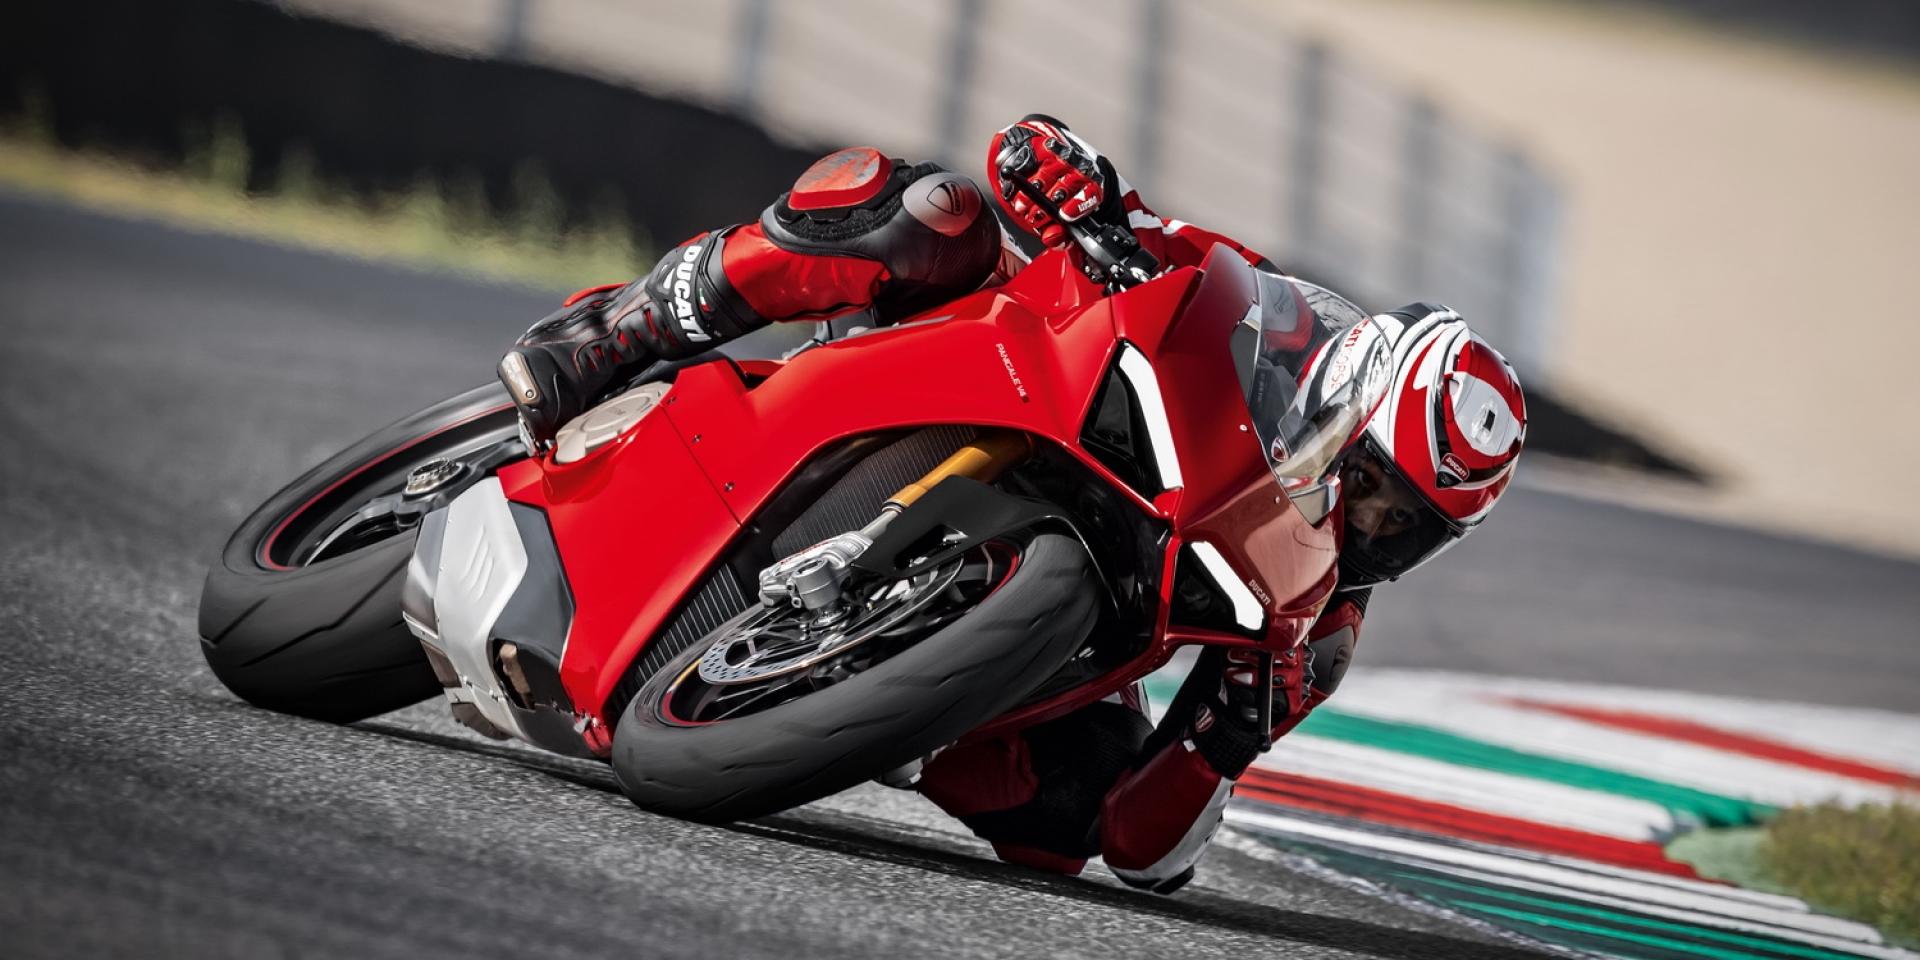 2017米蘭車展。Ducati Panigale V4 1409正式引爆